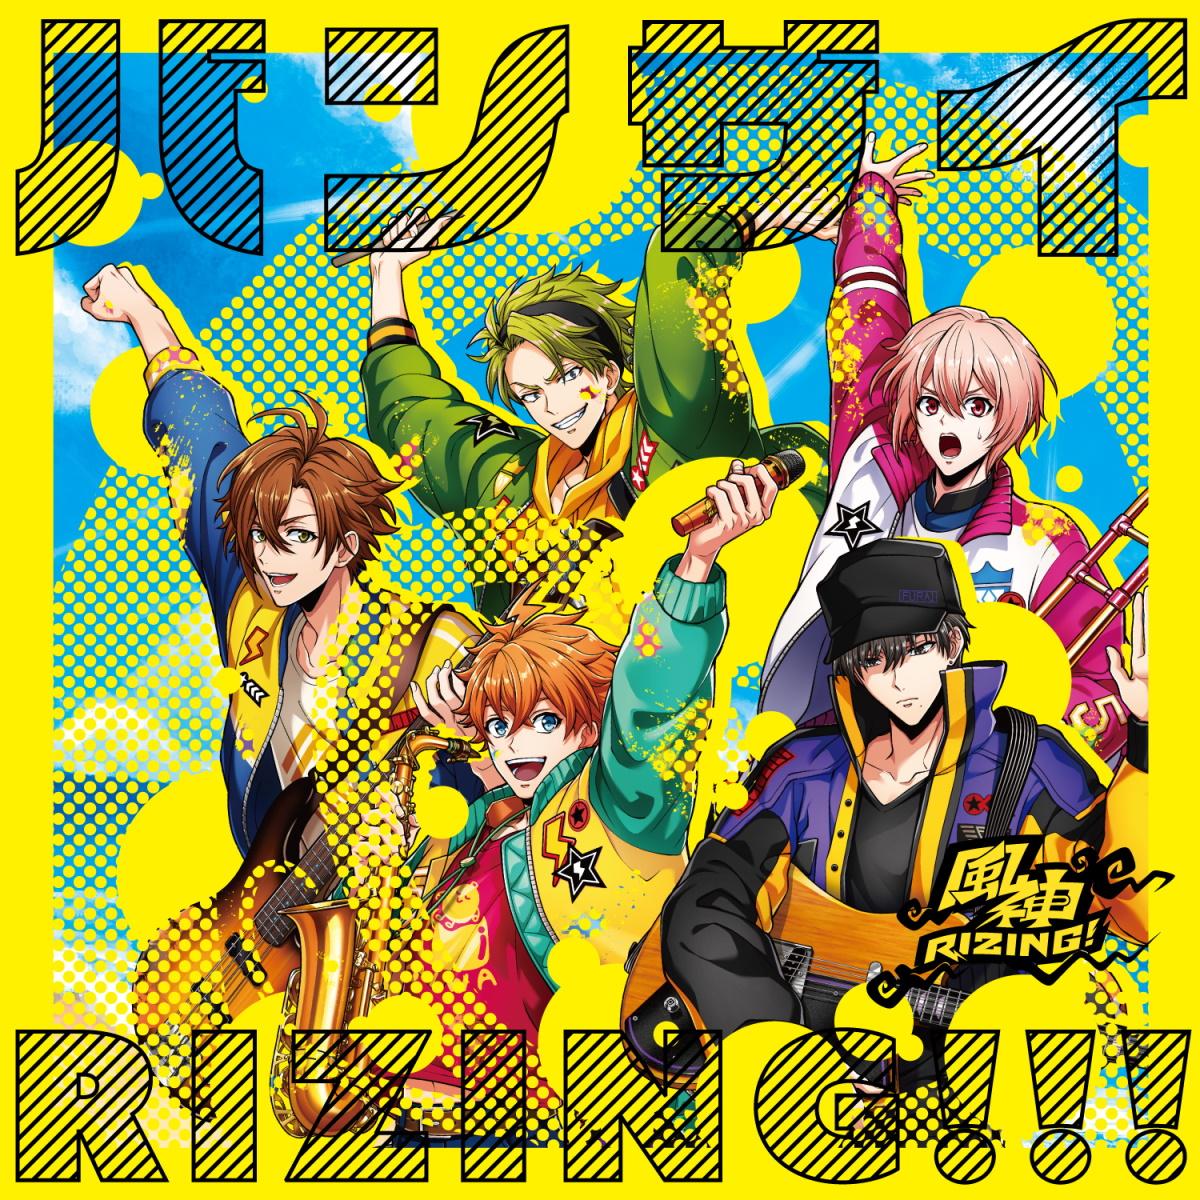 『風神RIZING! - HOT LIMIT 歌詞』収録の『銀の百合 / バンザイRIZING!!! / 光の悪魔』ジャケット